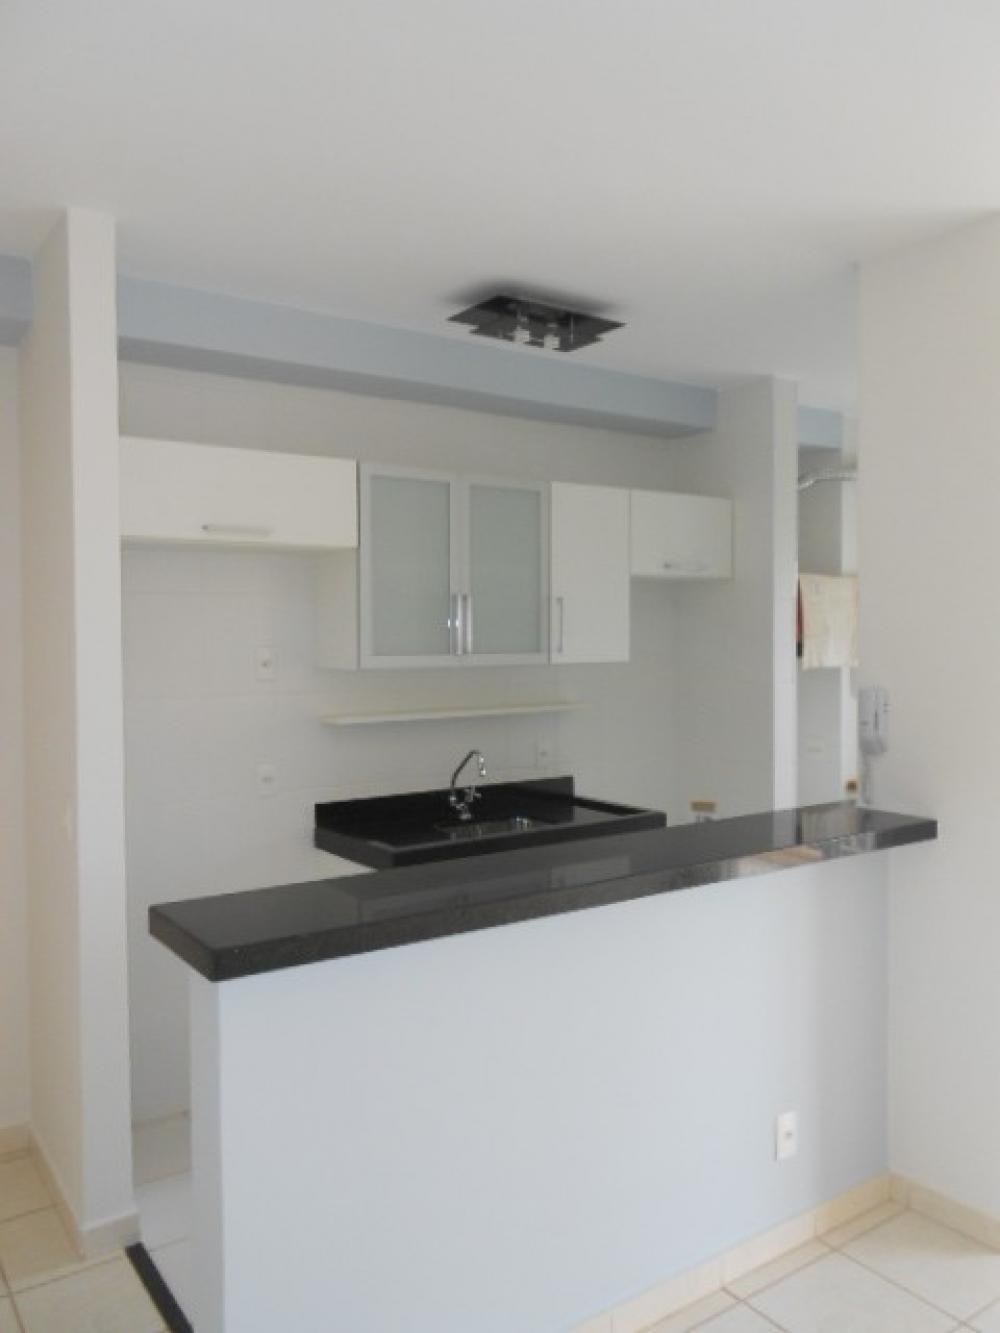 Comprar Apartamento / Padrão em Ribeirão Preto apenas R$ 370.000,00 - Foto 3